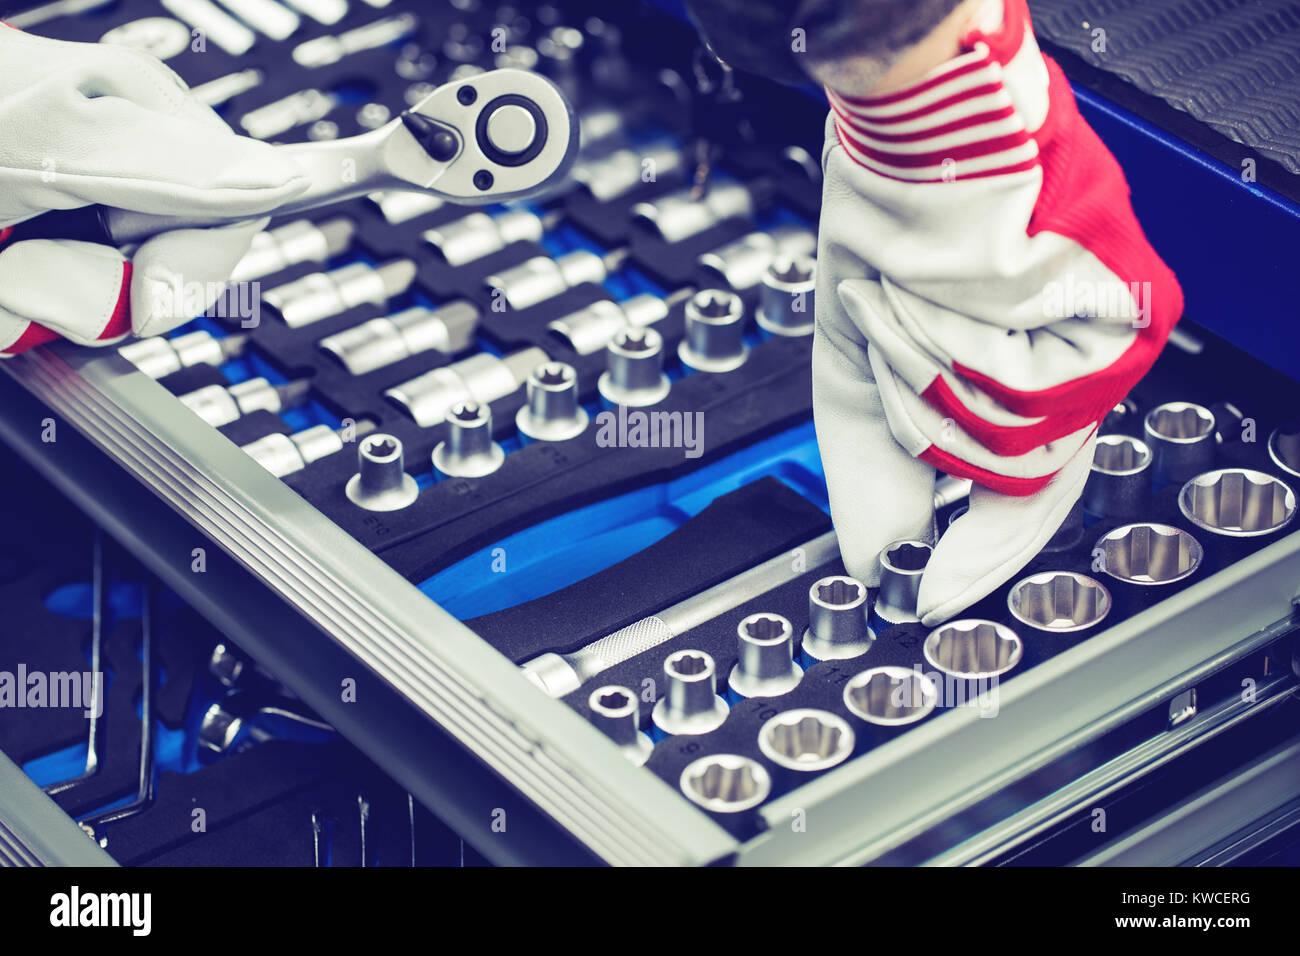 Mano de mecánica automotriz llave recogida fuera del cajón de herramientas Imagen De Stock